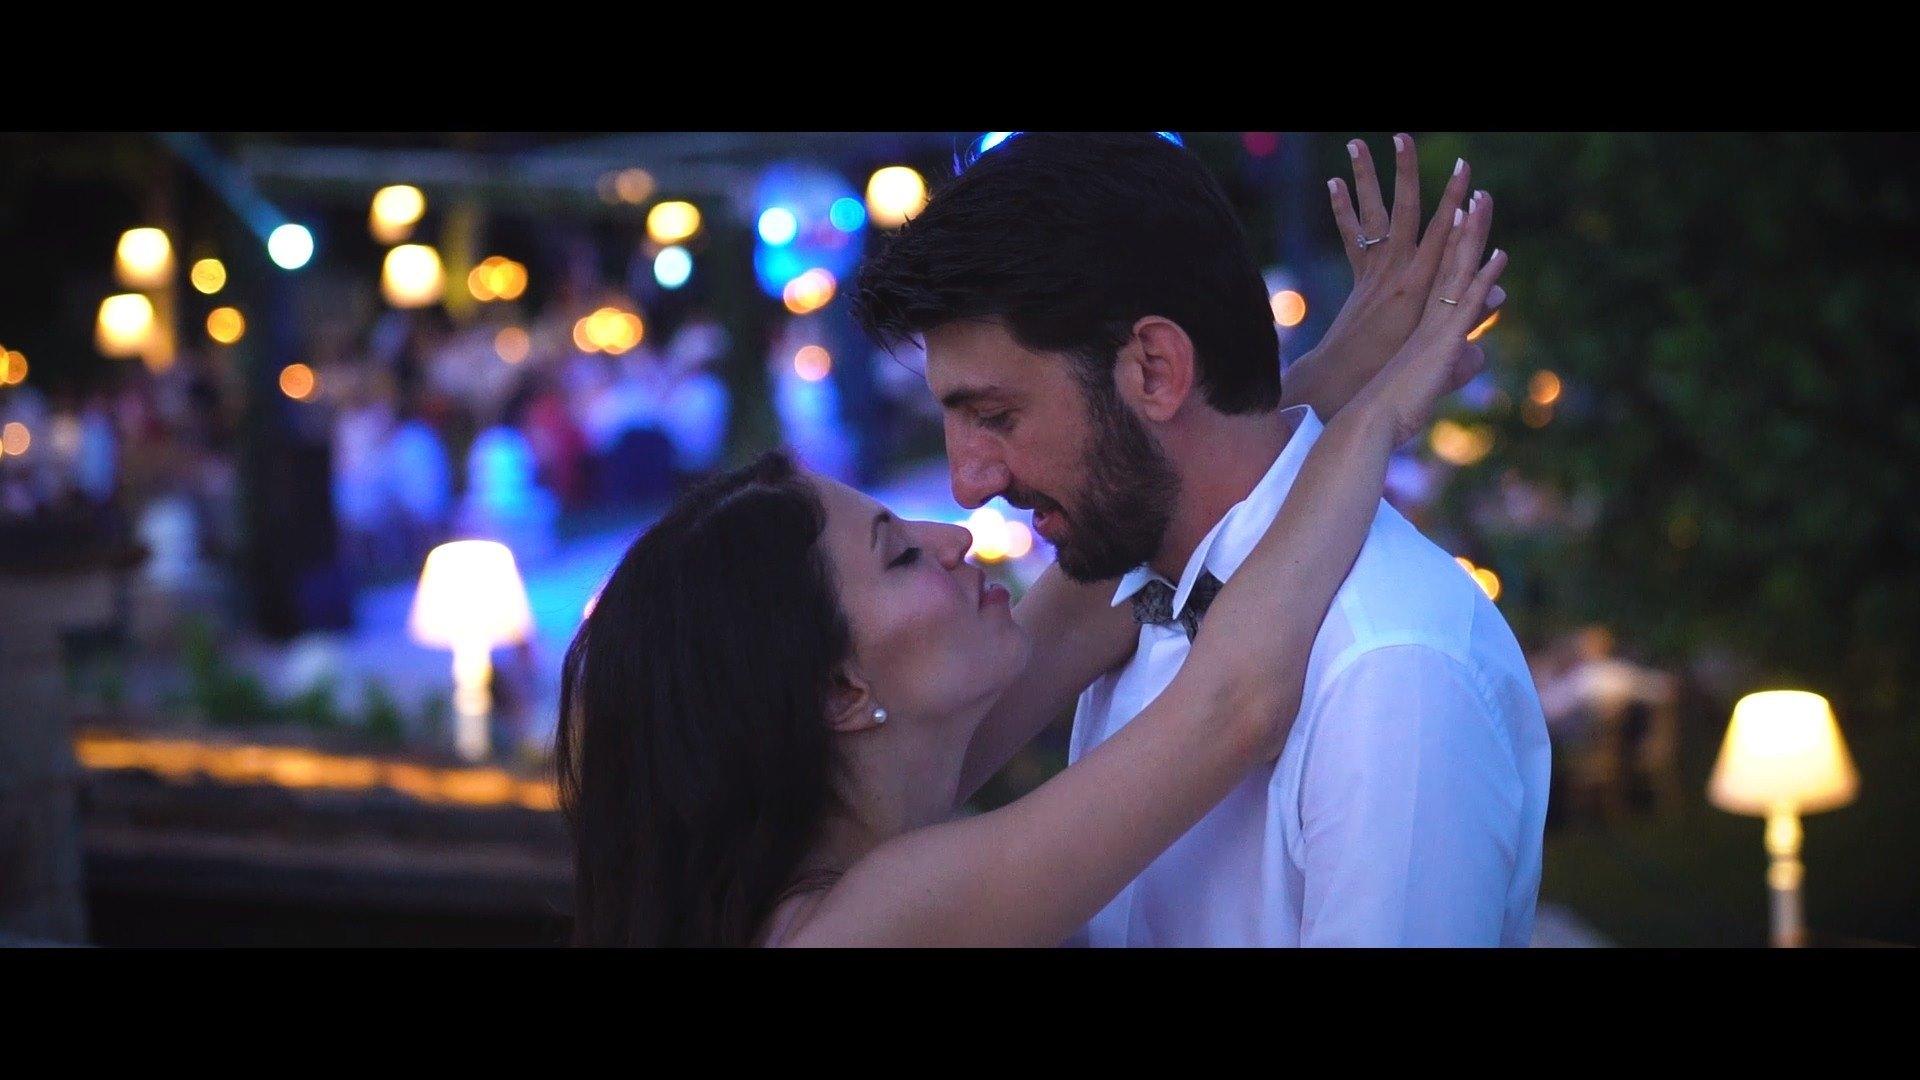 Έλλη Αλέξανδρος Cinematic Wedding Clip teaser